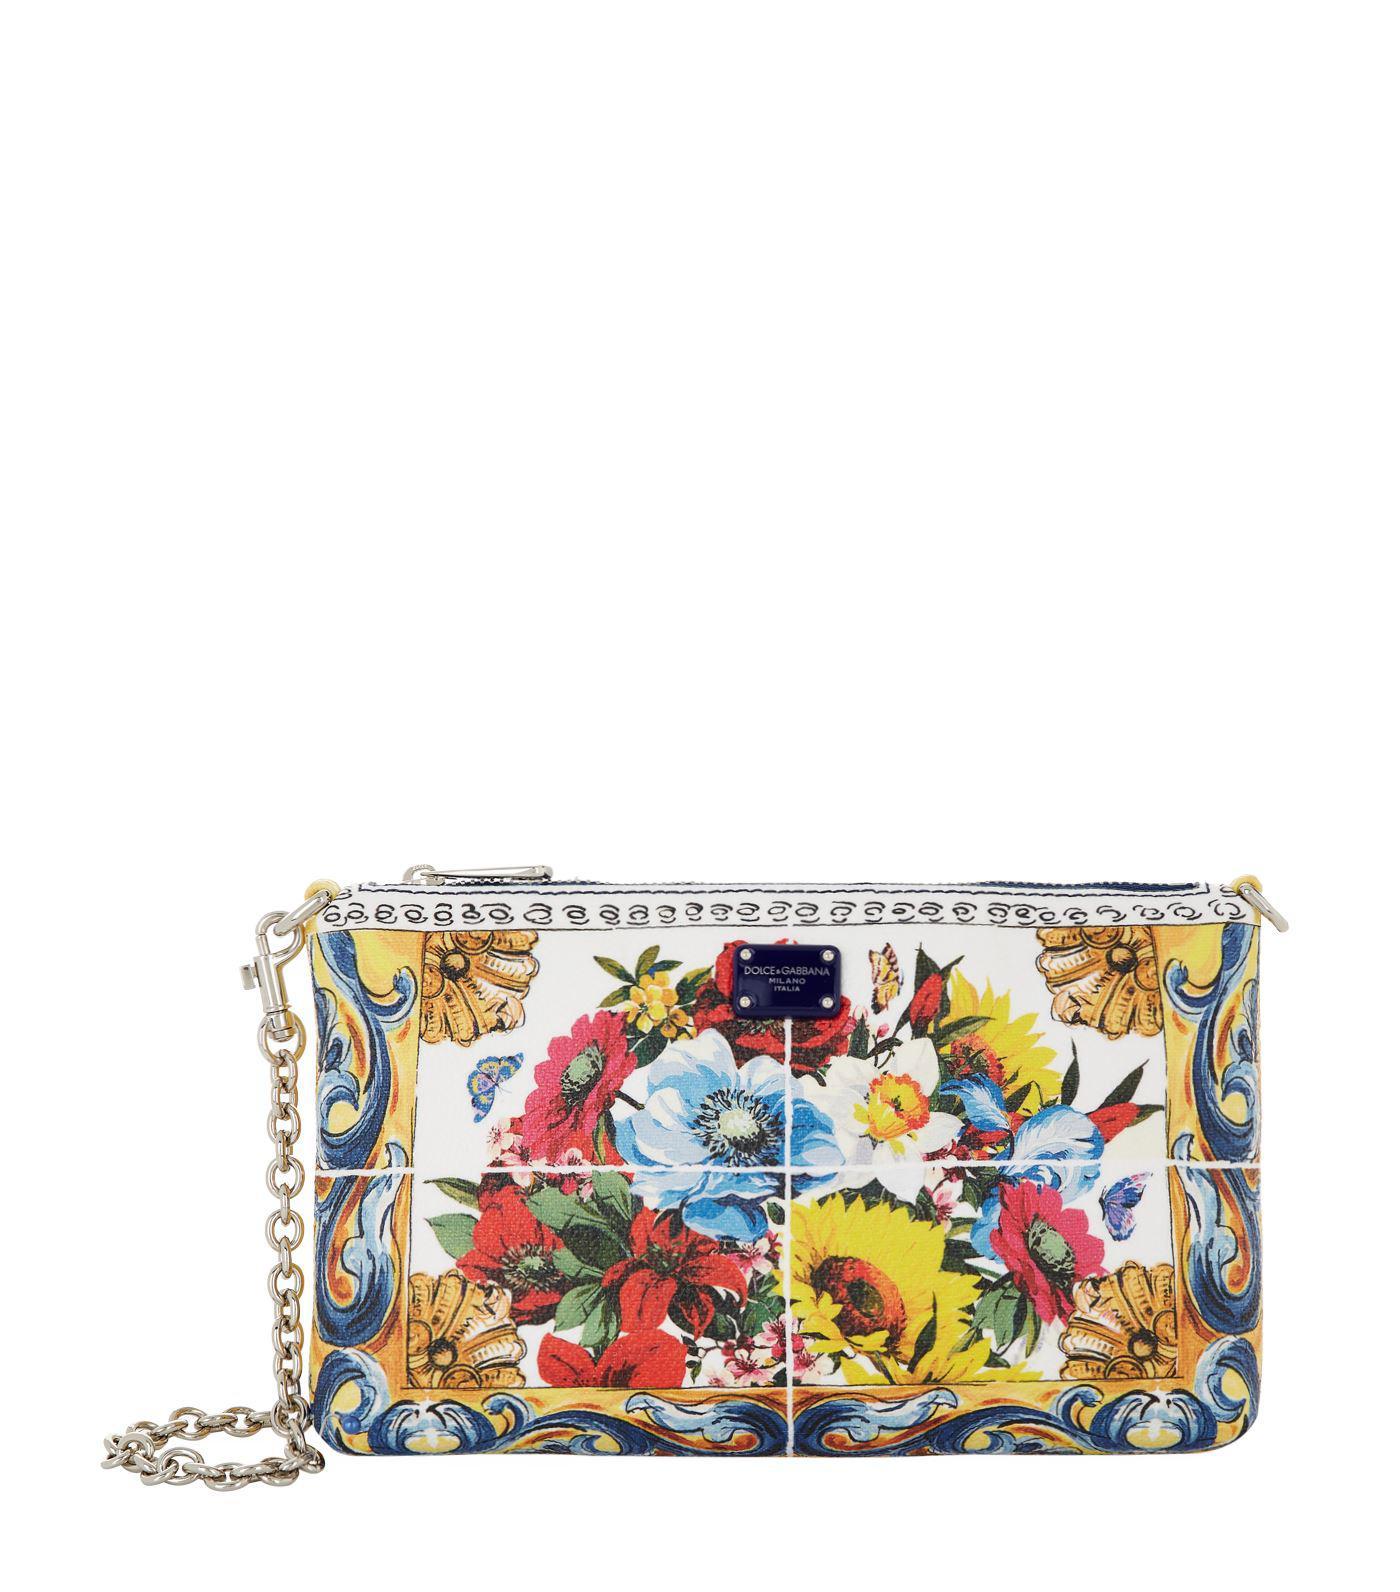 08a85e25c2fe Lyst - Dolce   Gabbana Mini Floral Clutch Bag